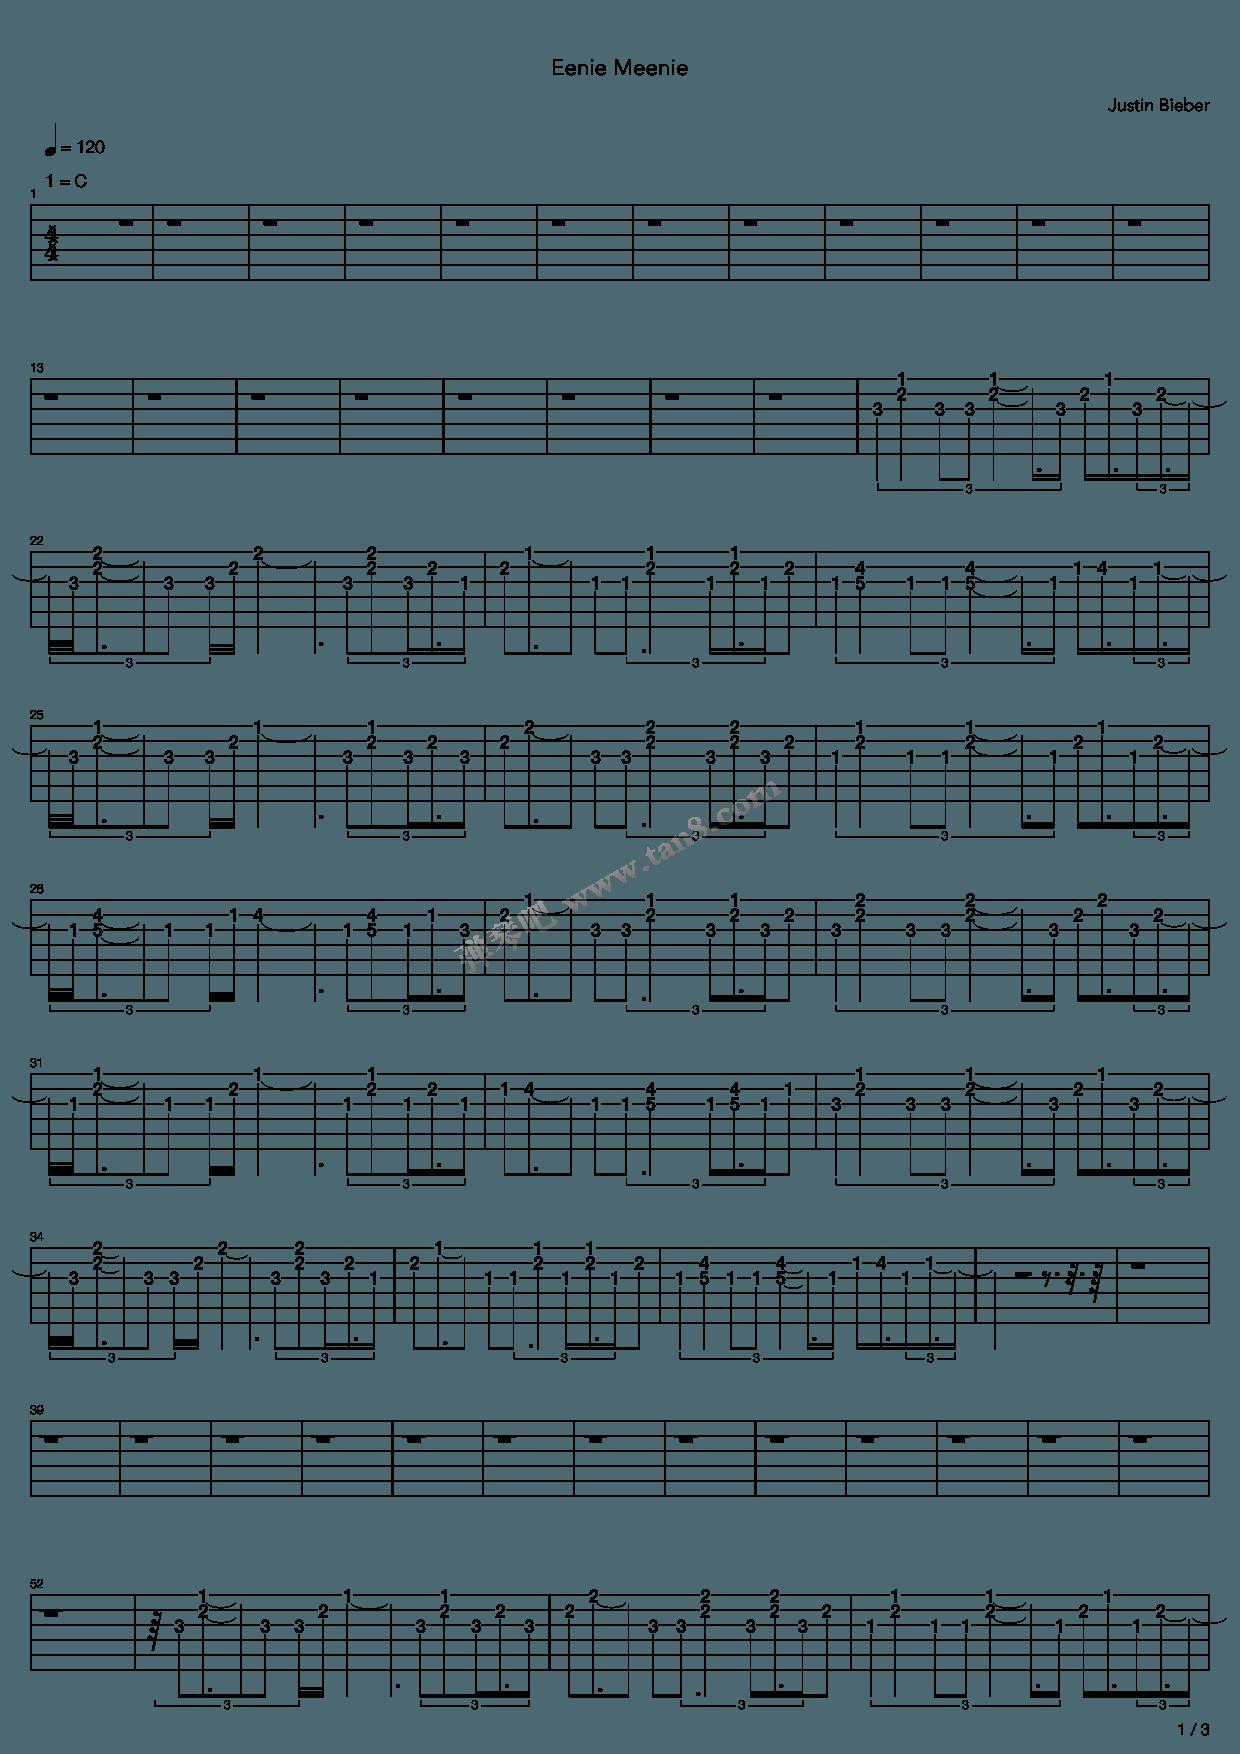 Eenie Meenie by Justin Bieber Guitar Tabs Chords Sheet